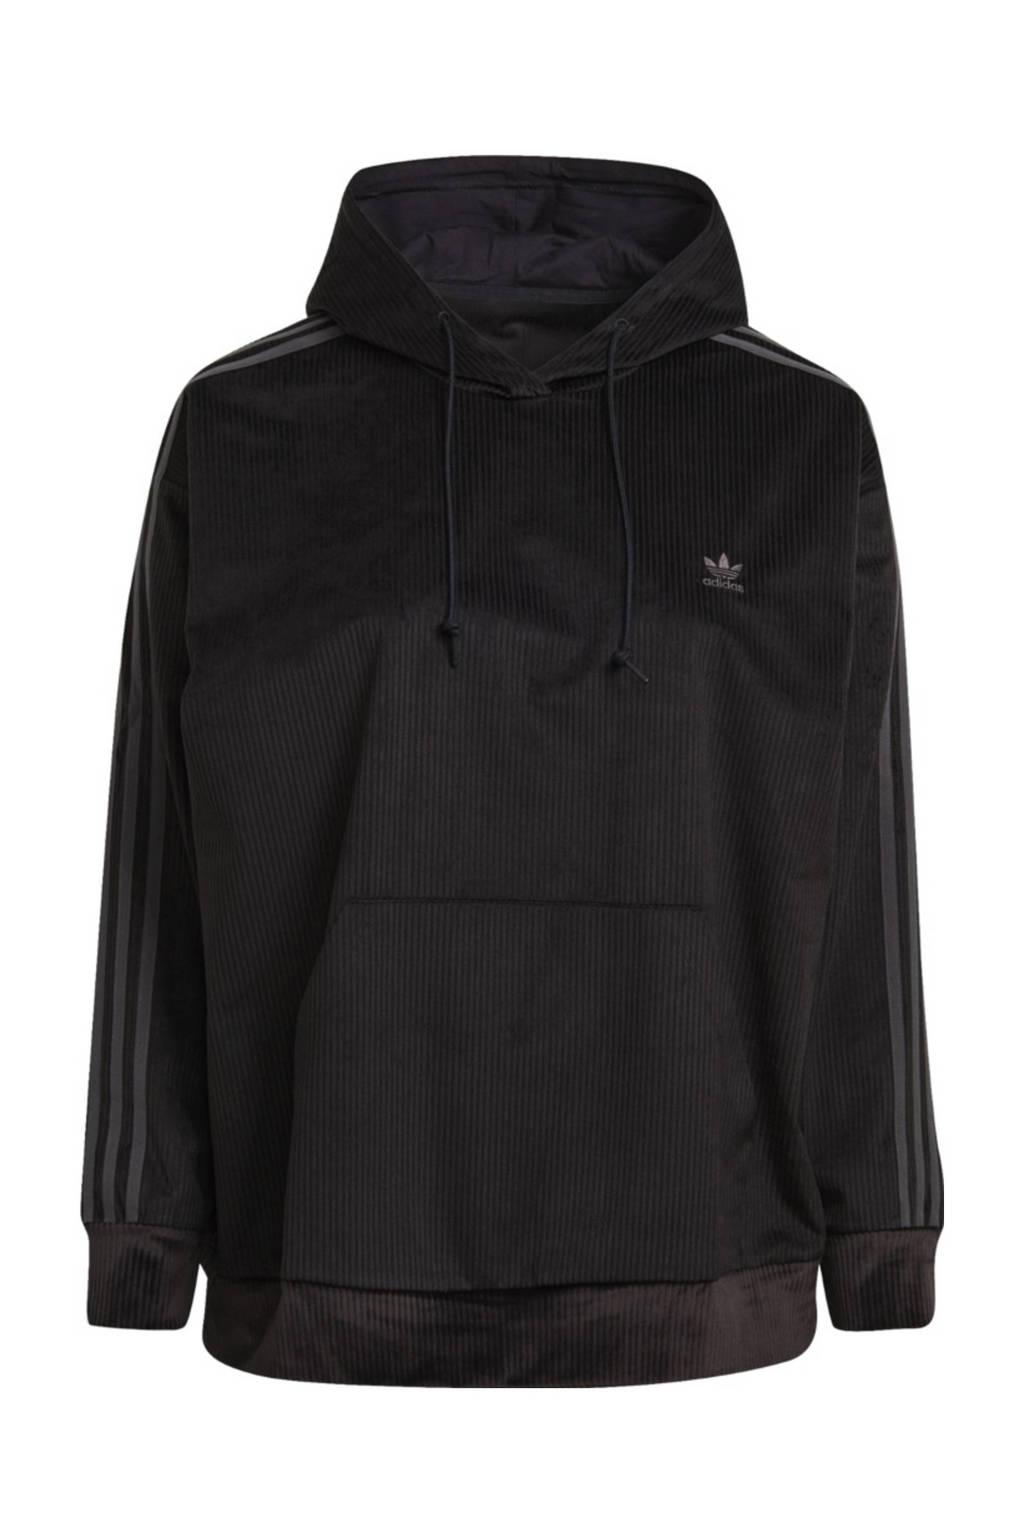 adidas Originals Plus Size Corduroy hoodie zwart, Zwart